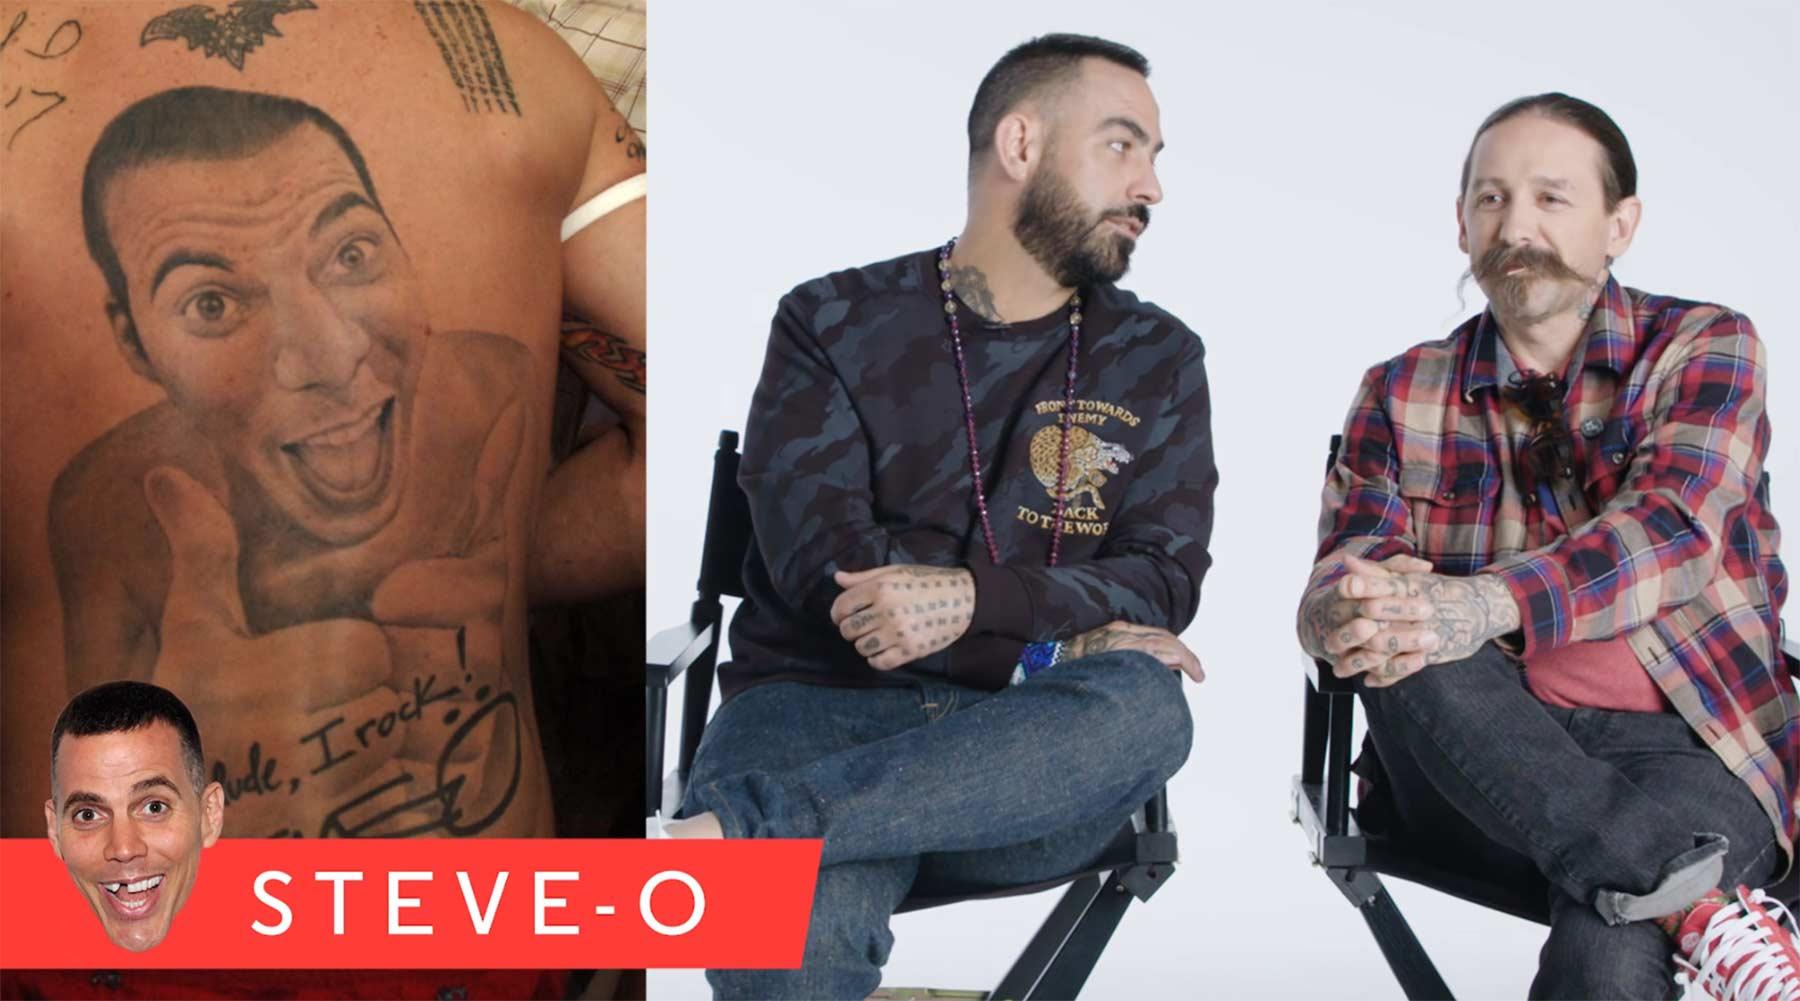 Das sagen Profis über die Tattoos der Stars